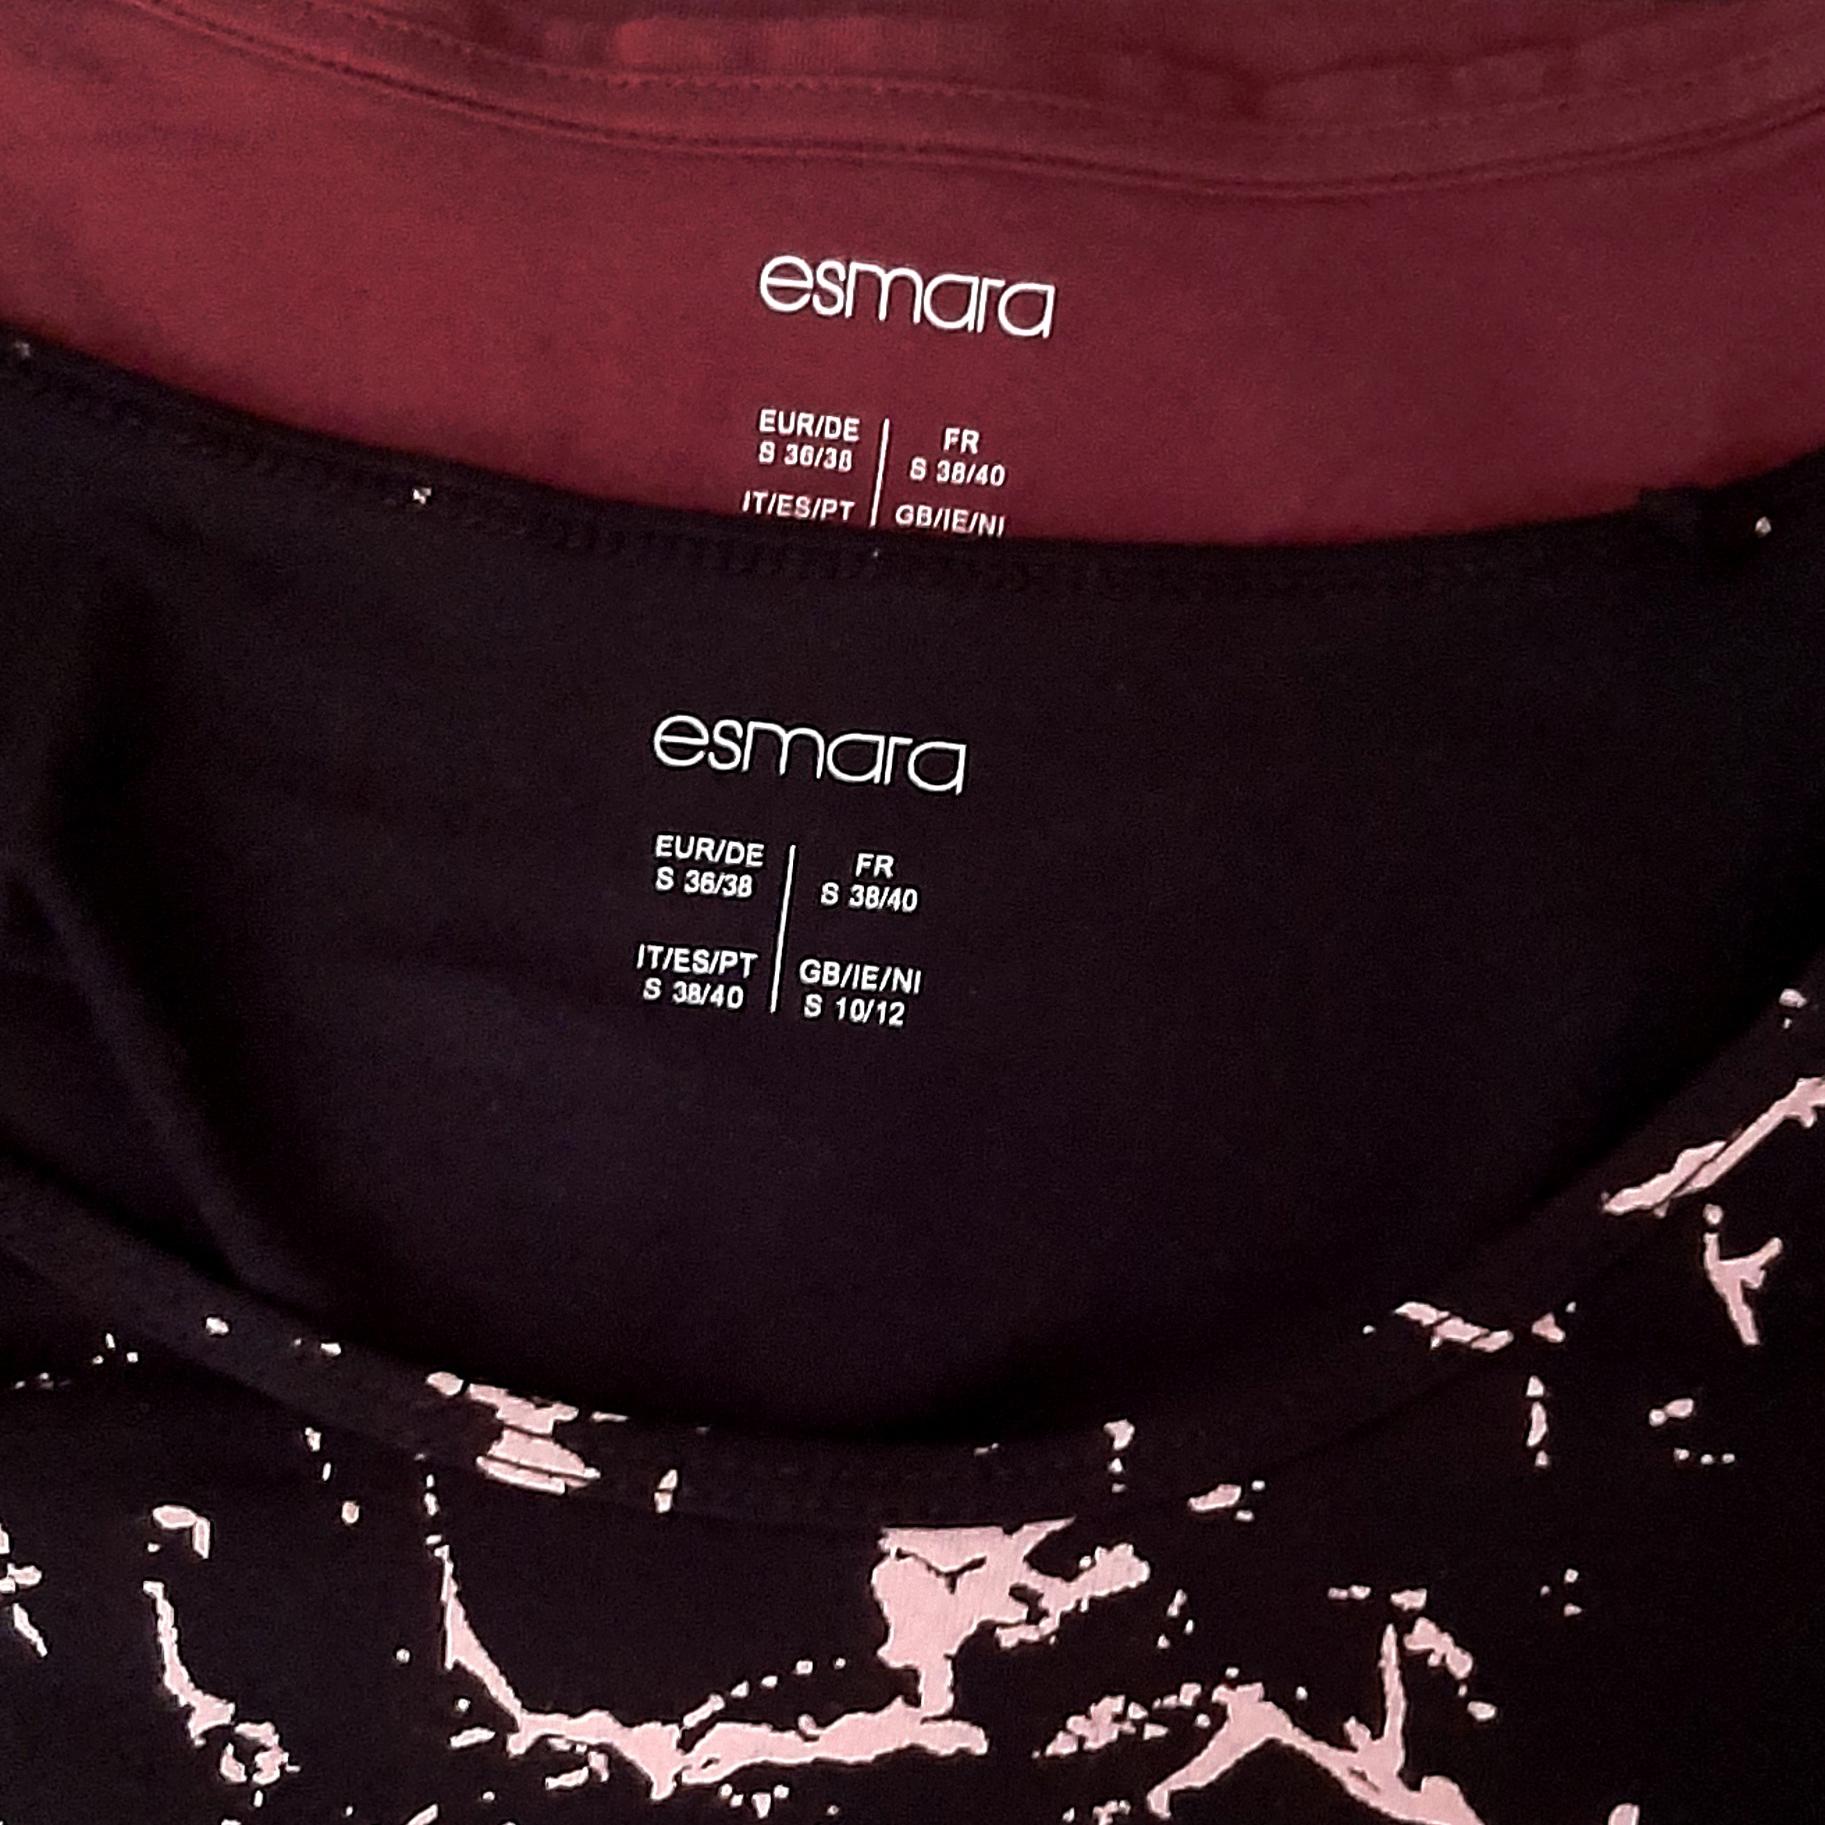 تی شرت آستین بلند زنانه اسمارا مدل 808as مجموعه 2 عددی thumb 2 2